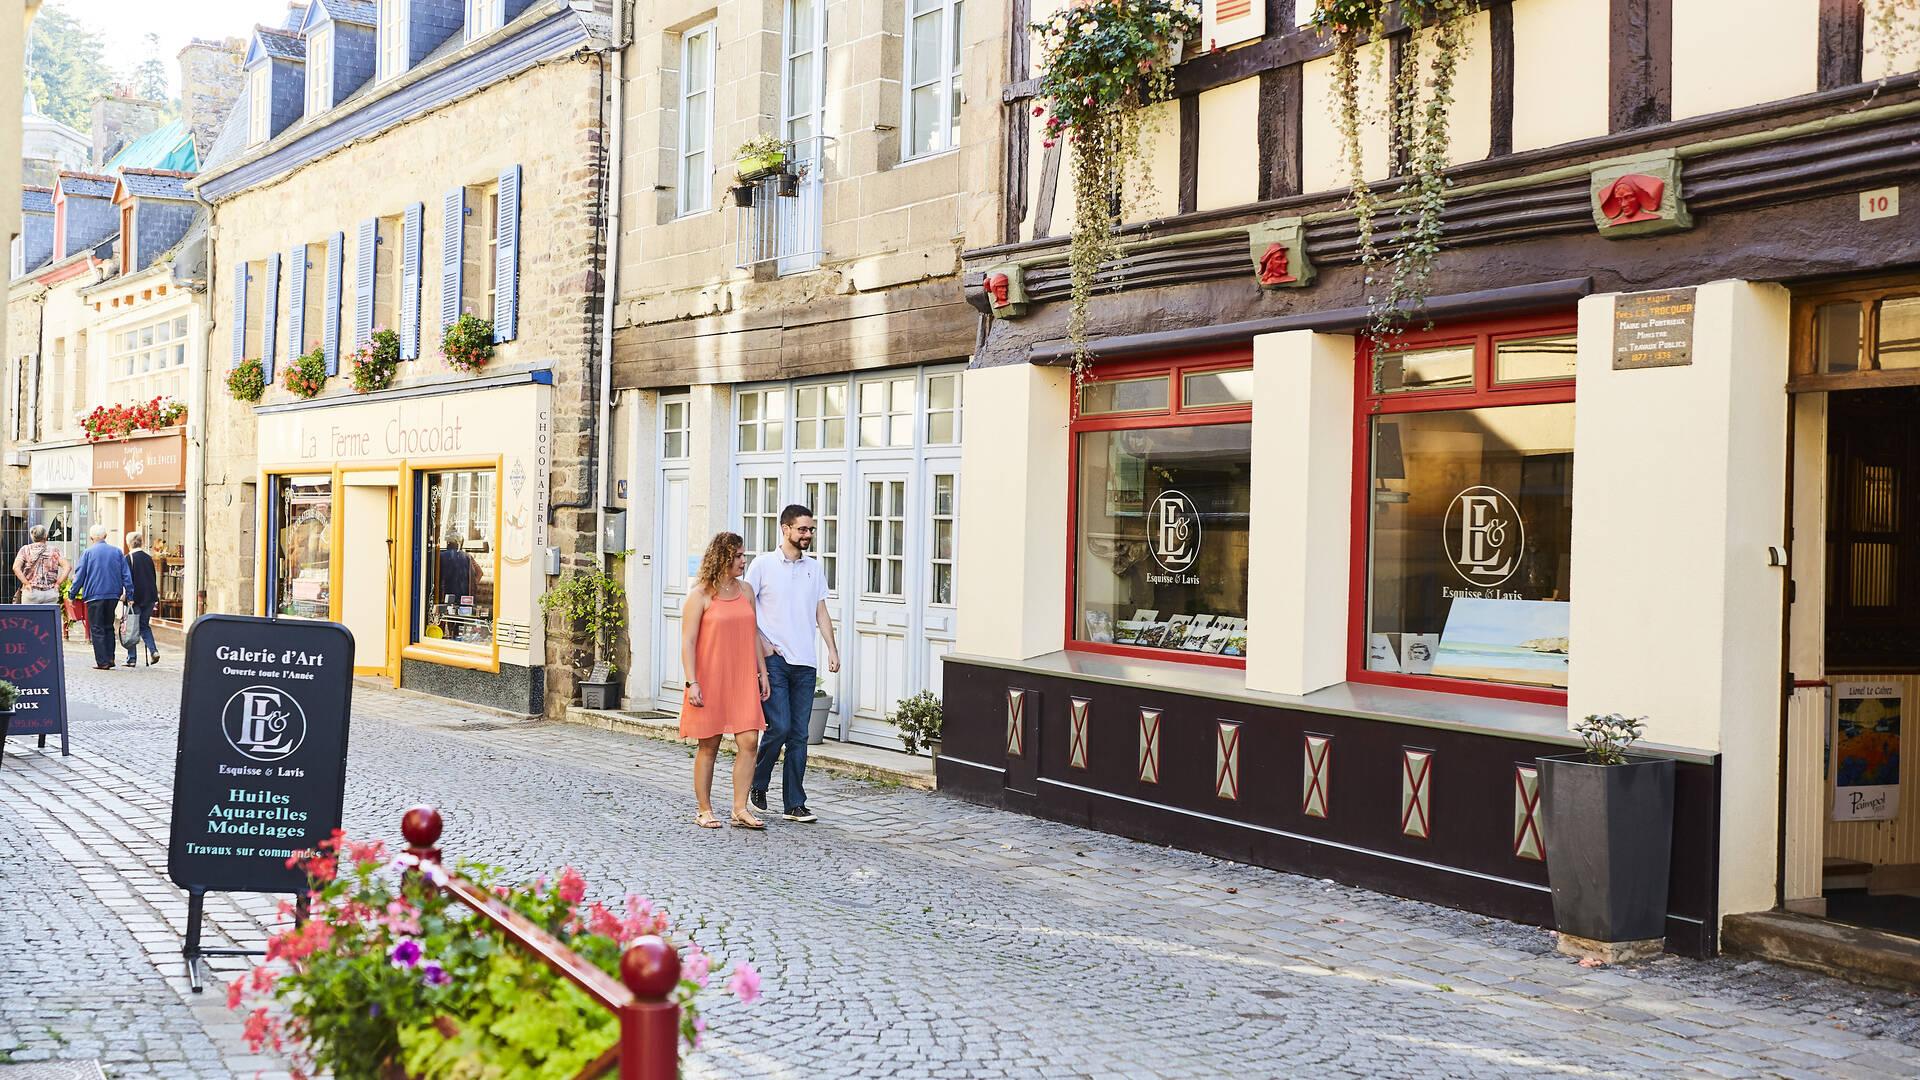 Commerces de Pontrieux ©Alexandre Lamoureux